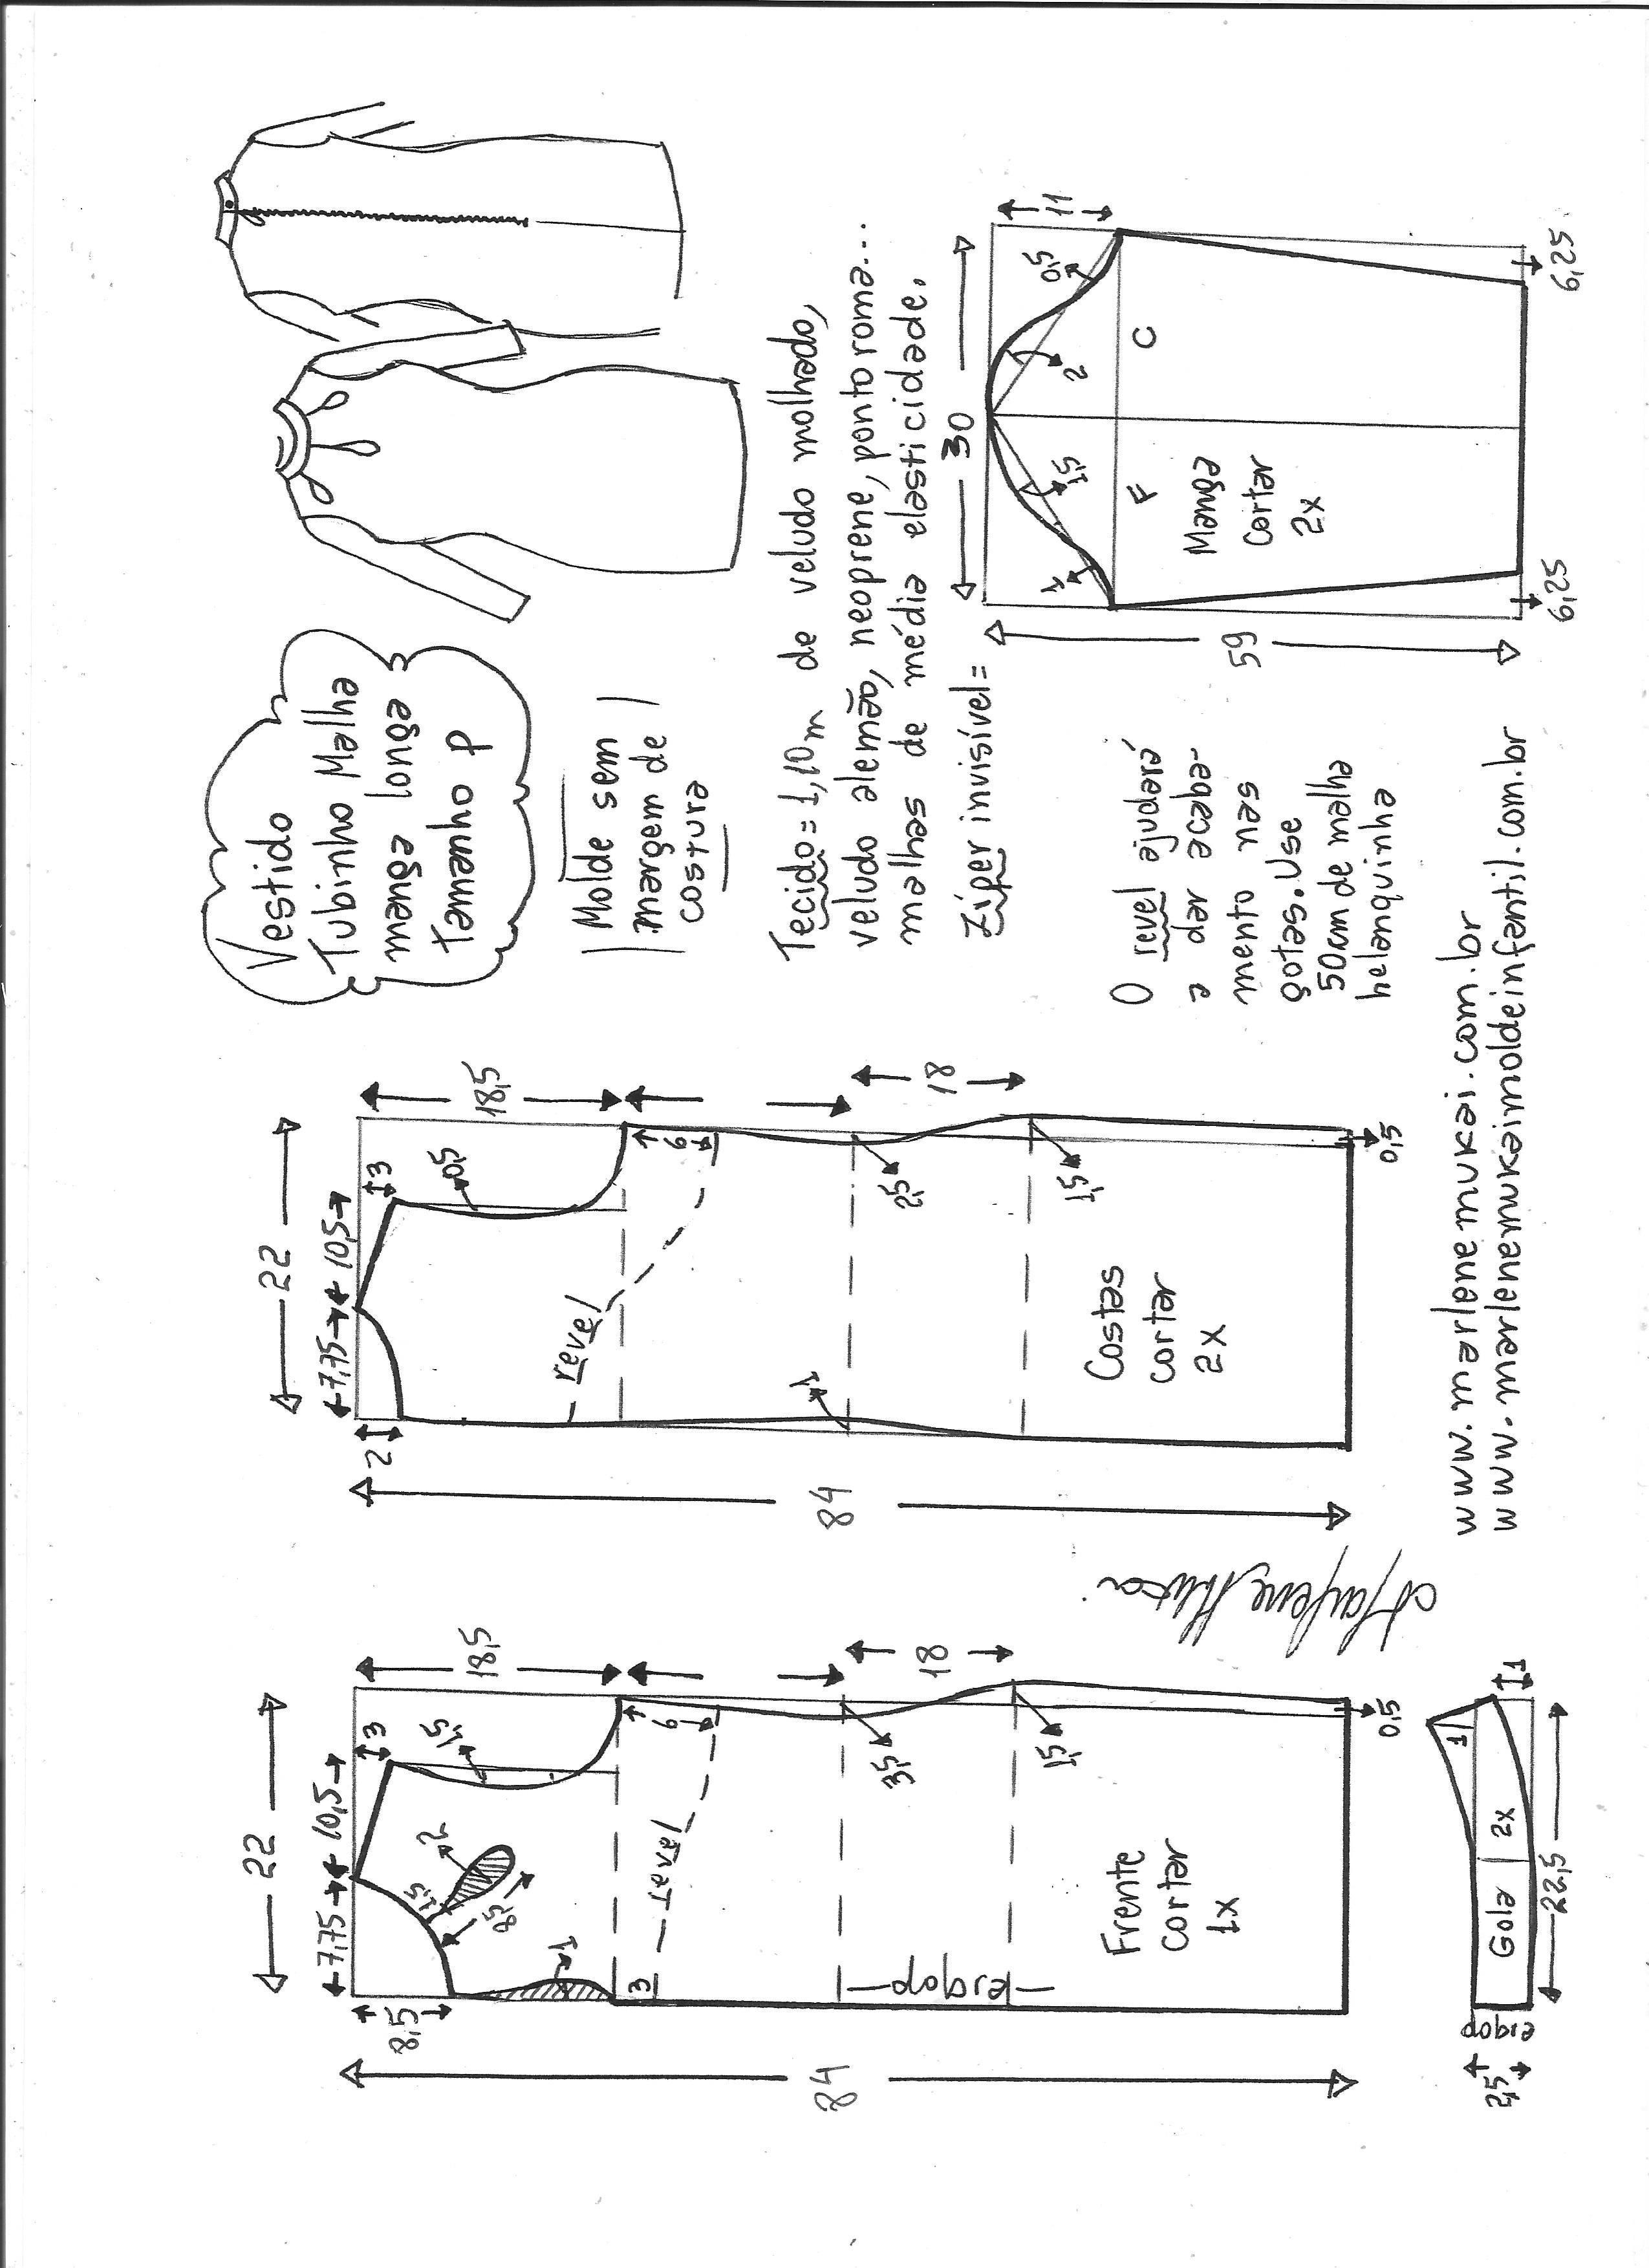 Pin de emilio serrano en ropa femenina | Pinterest